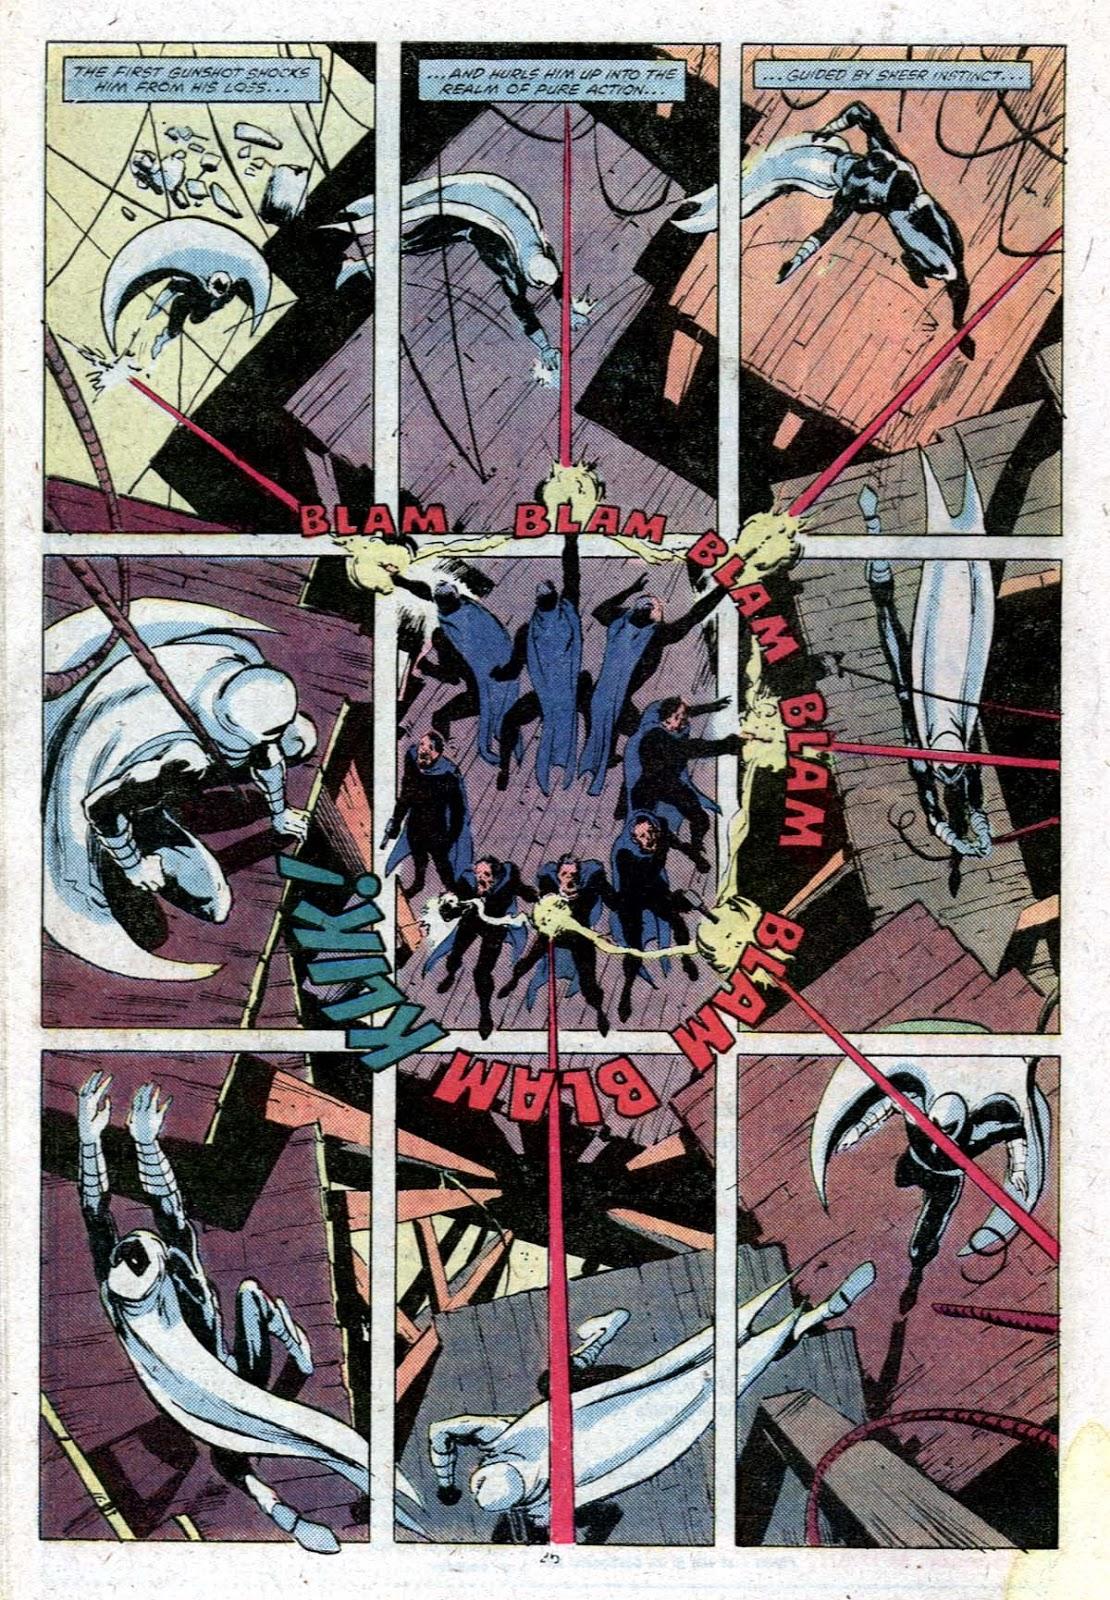 Moon Knight #9 par Bill Sienkiewicz